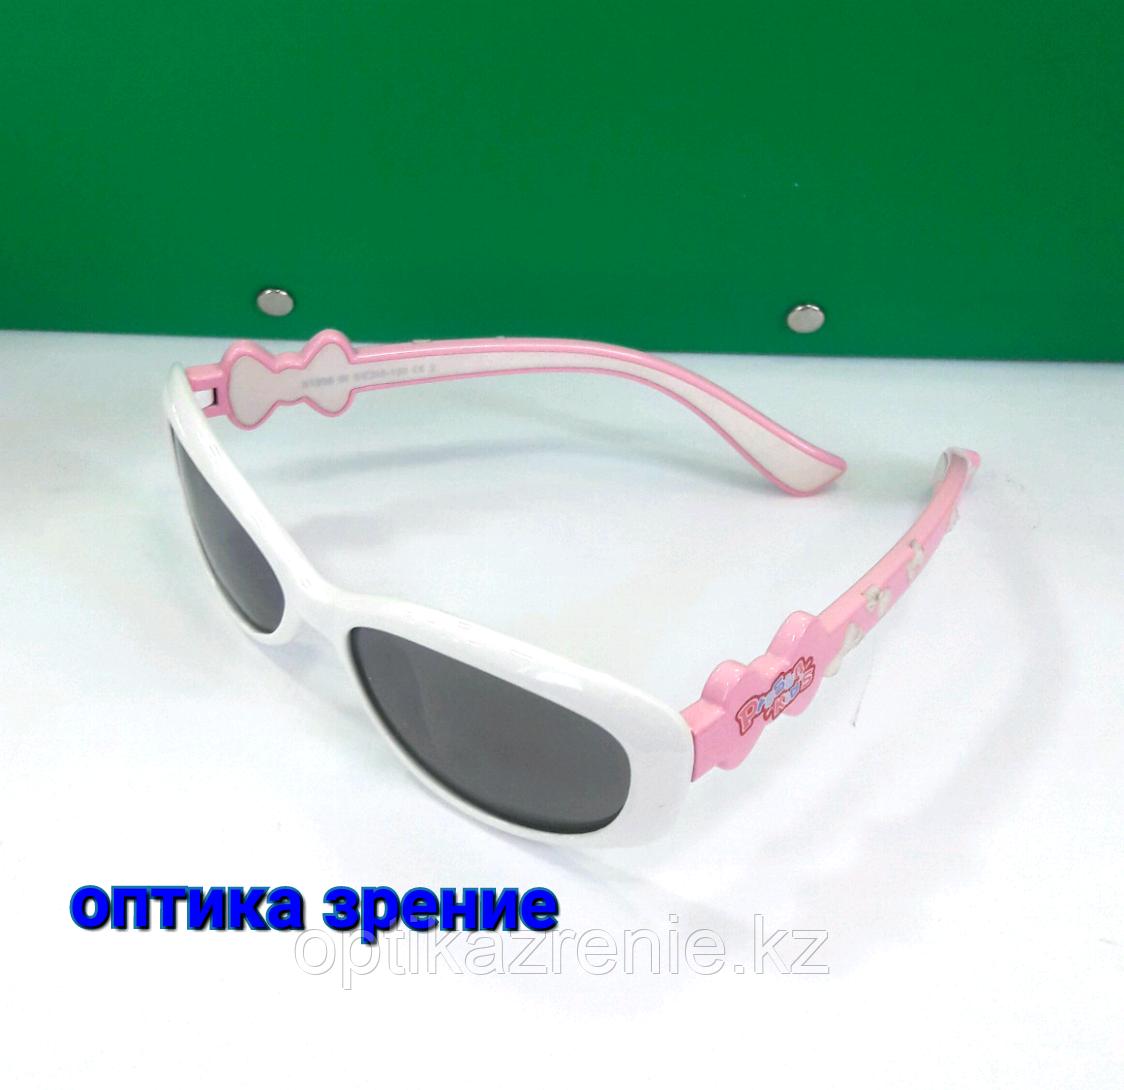 Детские солнцезащитные очки  Prosun kids 2018